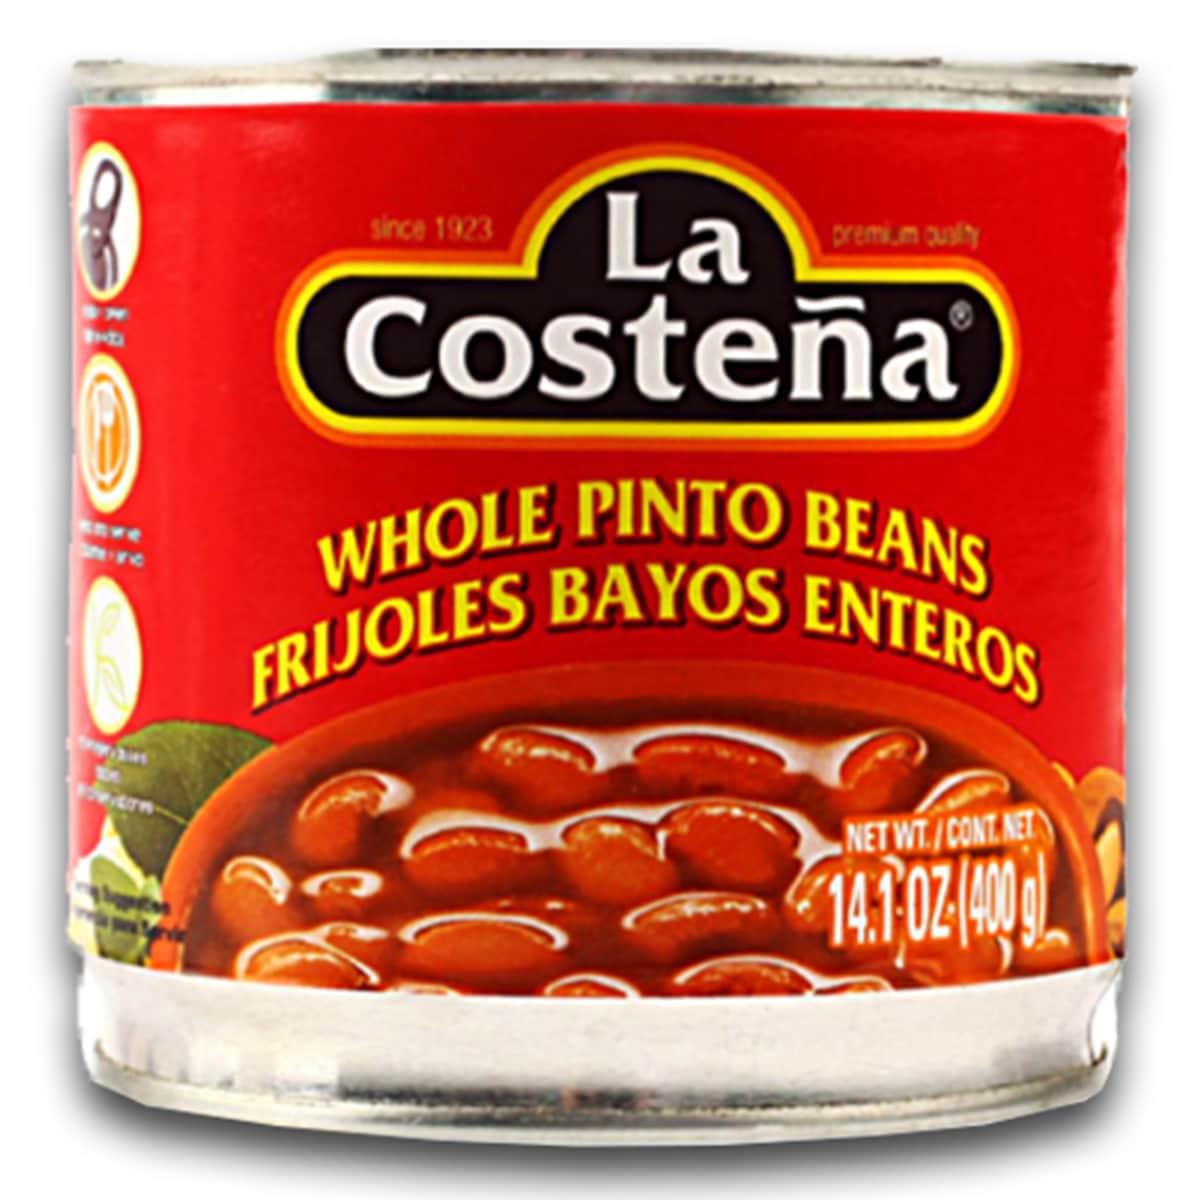 Buy La Costena Whole Pinto Beans (Frijoles Bayos Enteros) - 400 gm